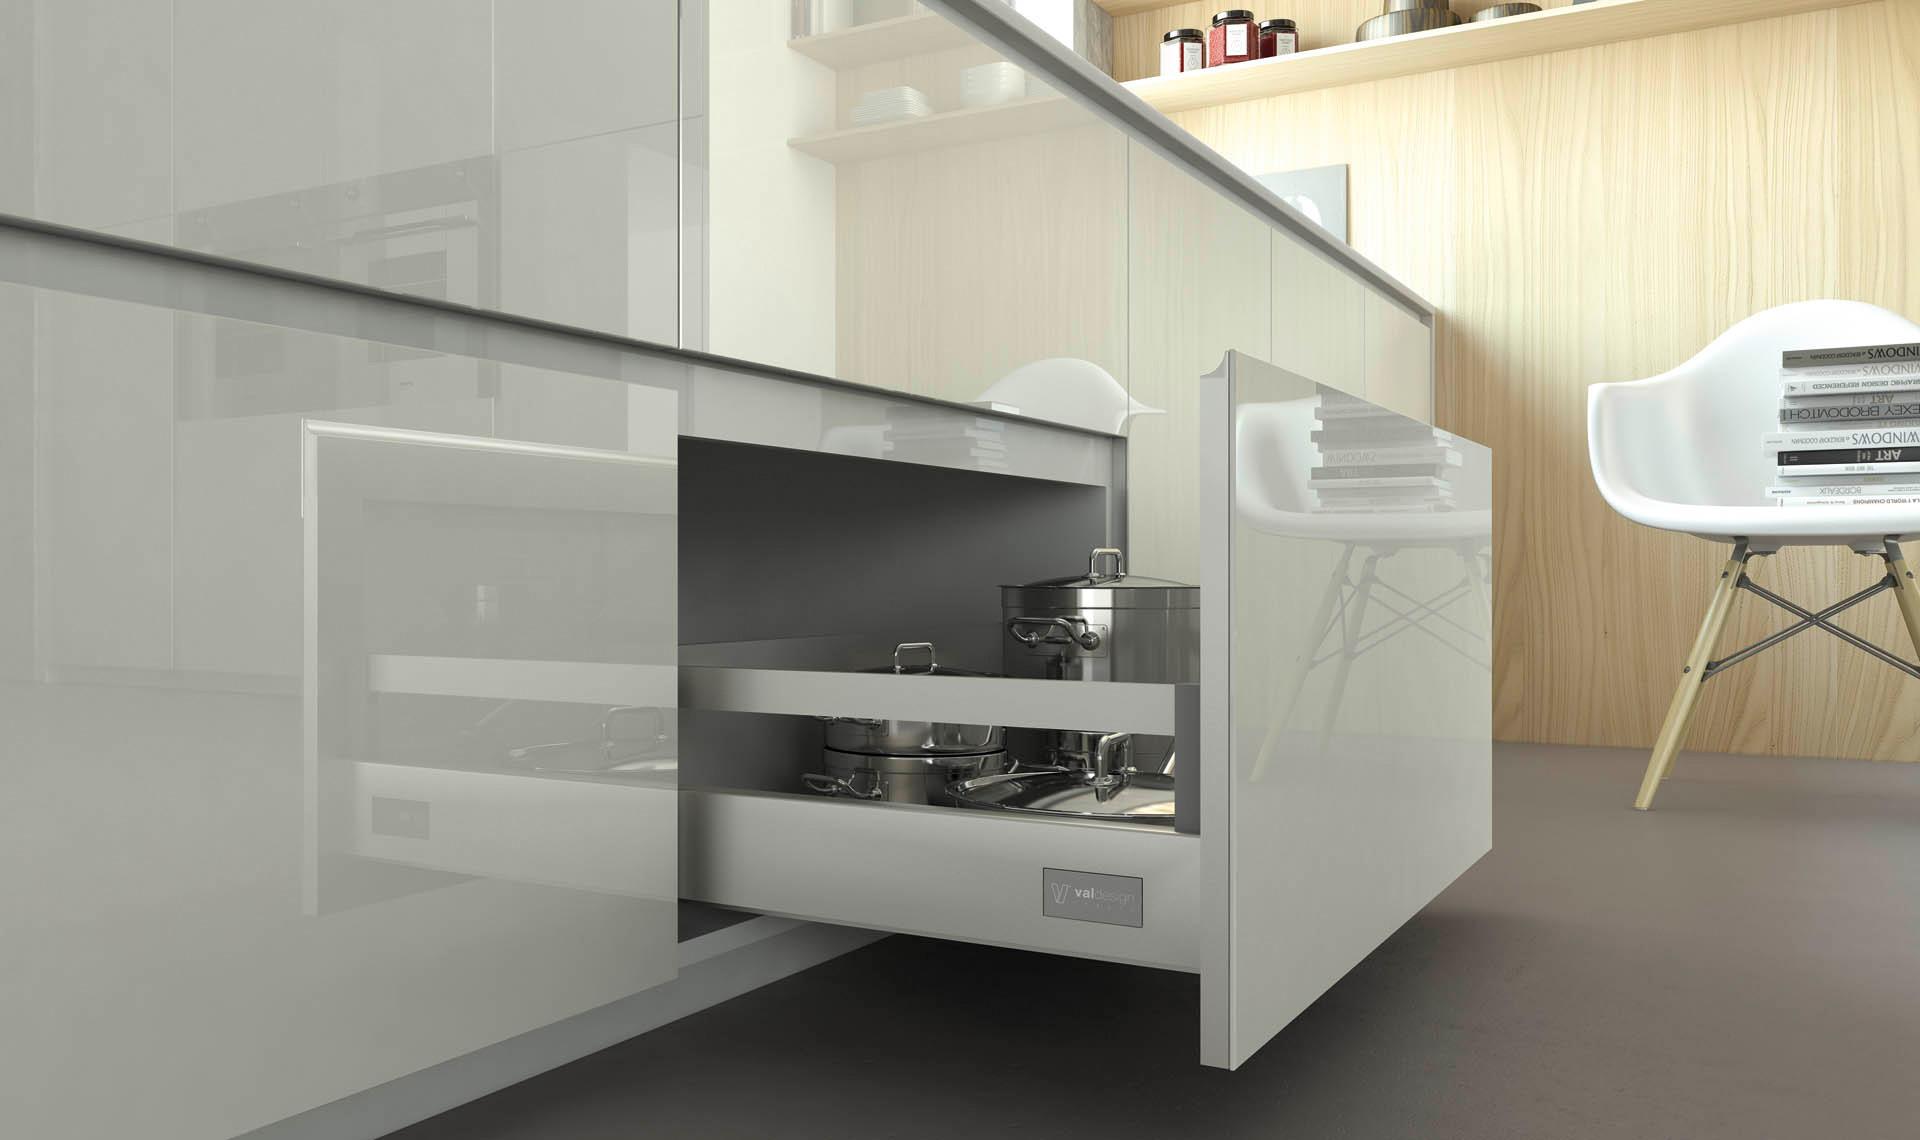 Valdesign realizza cucine moderne cucine moderne di alta - Ante in vetro cucina ...